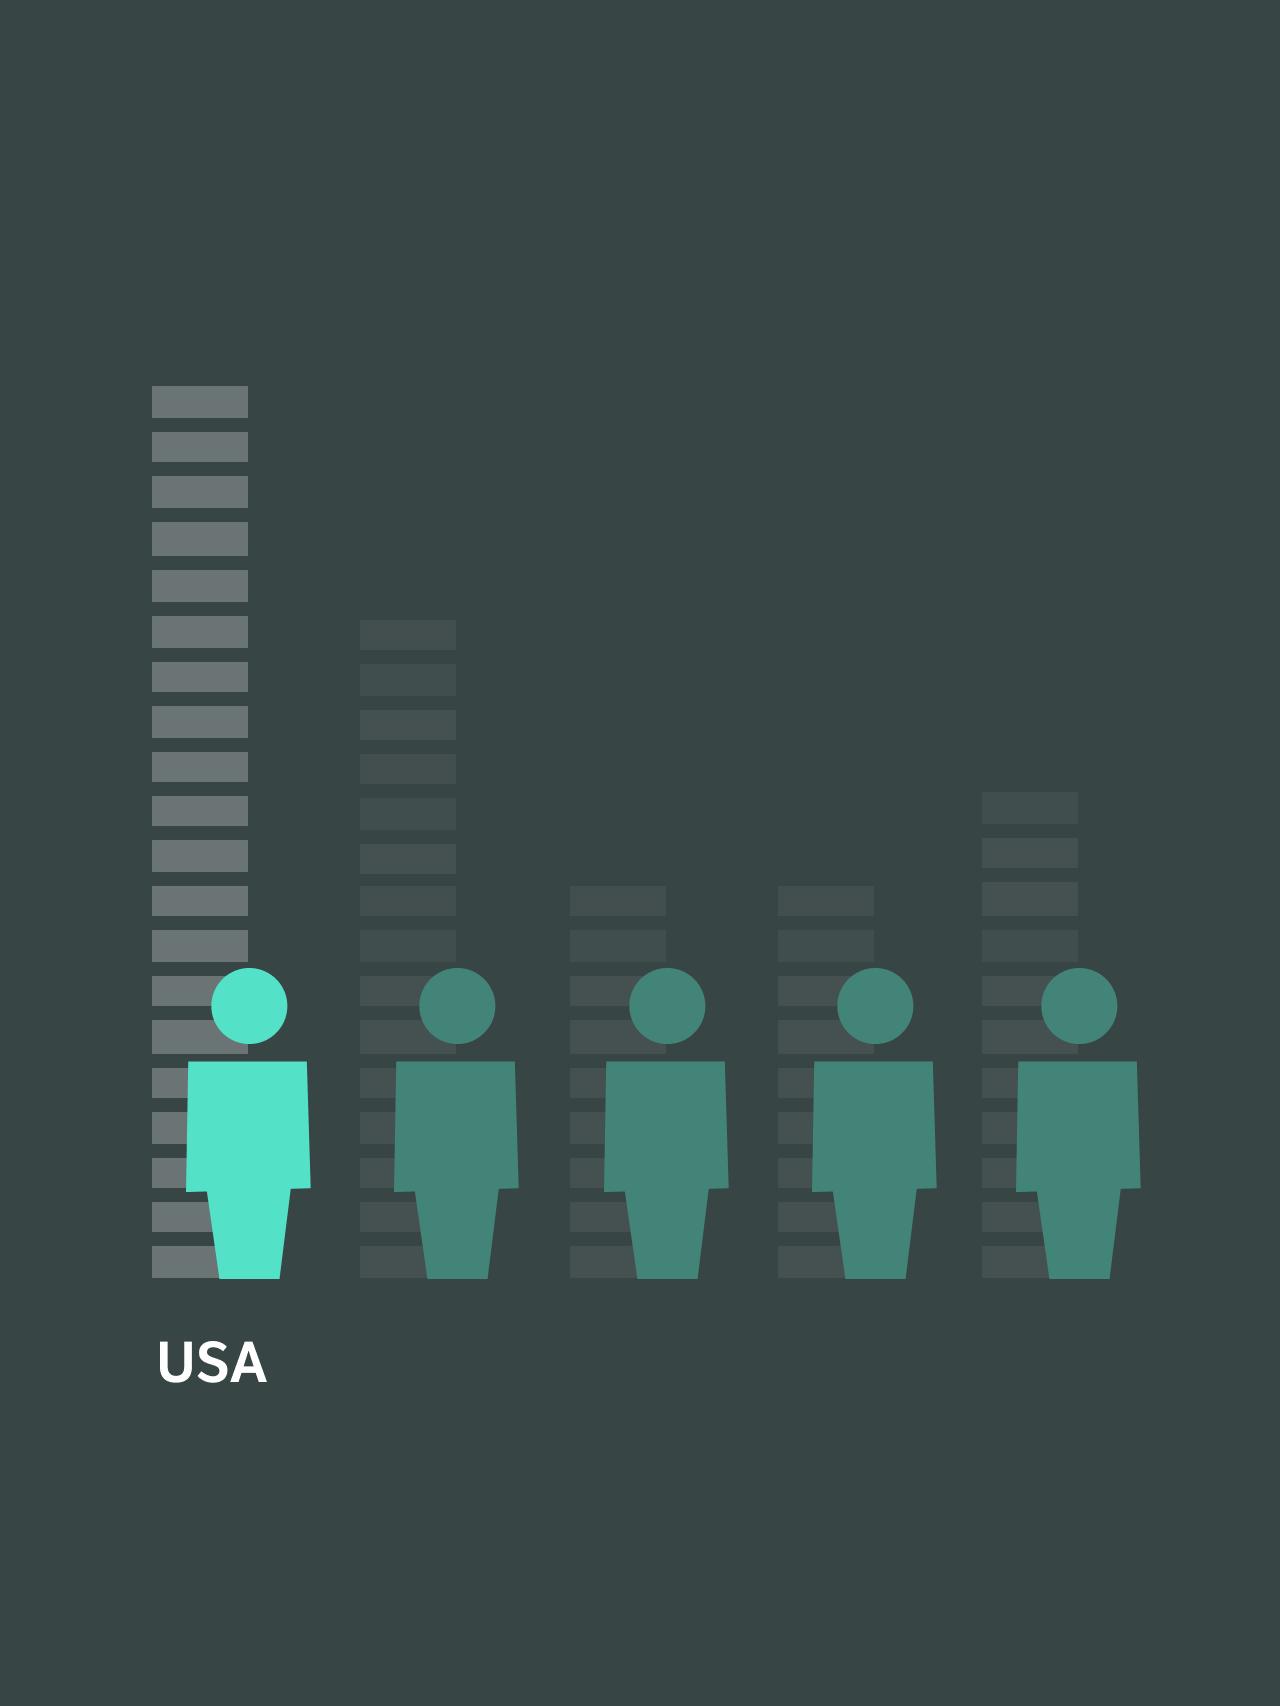 Helsepenger USA